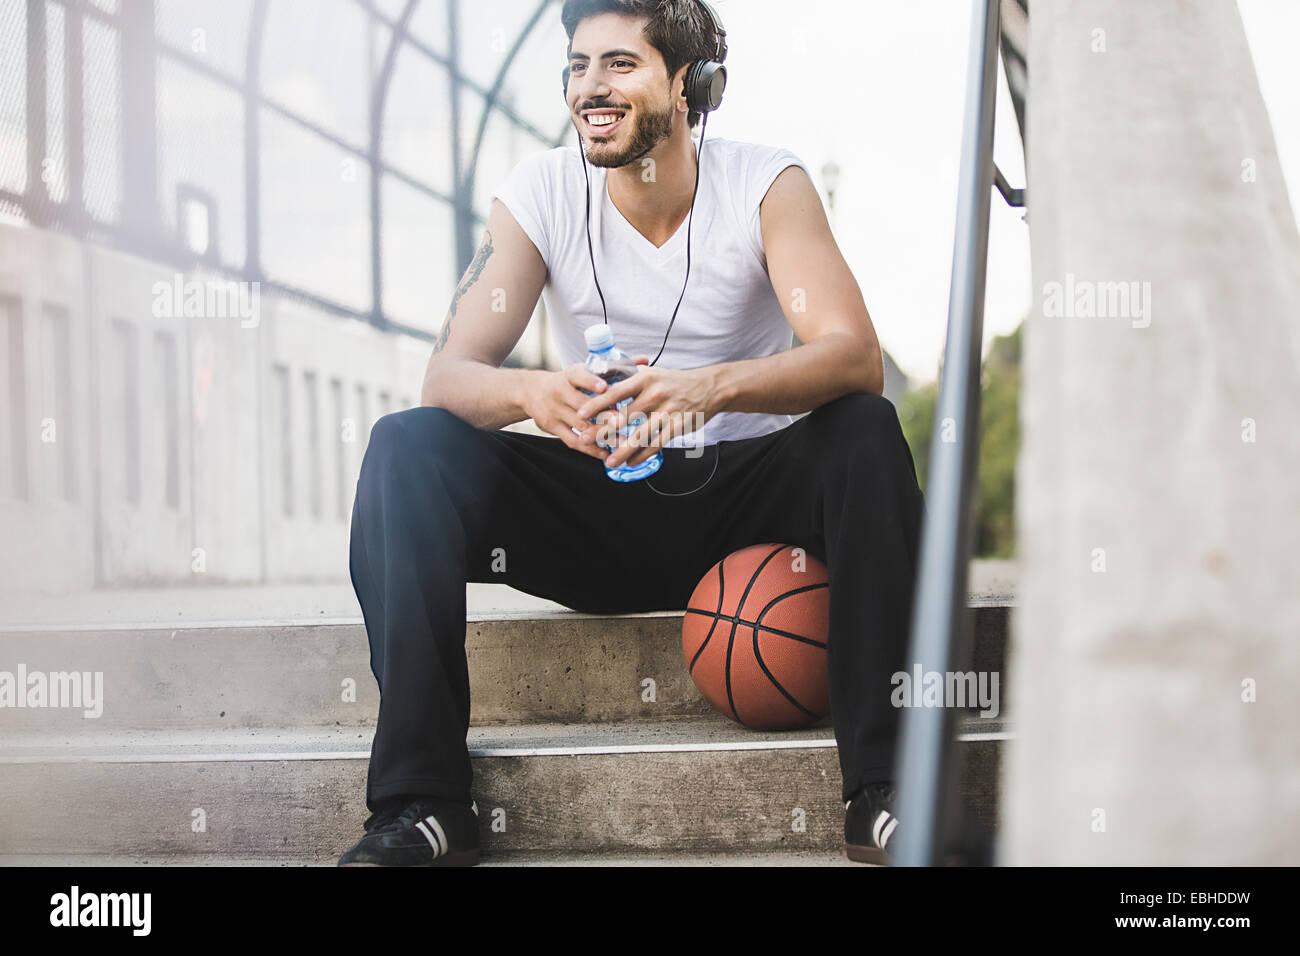 Giovane maschio basket giocatore seduto su passerella ascoltando le cuffie Immagini Stock